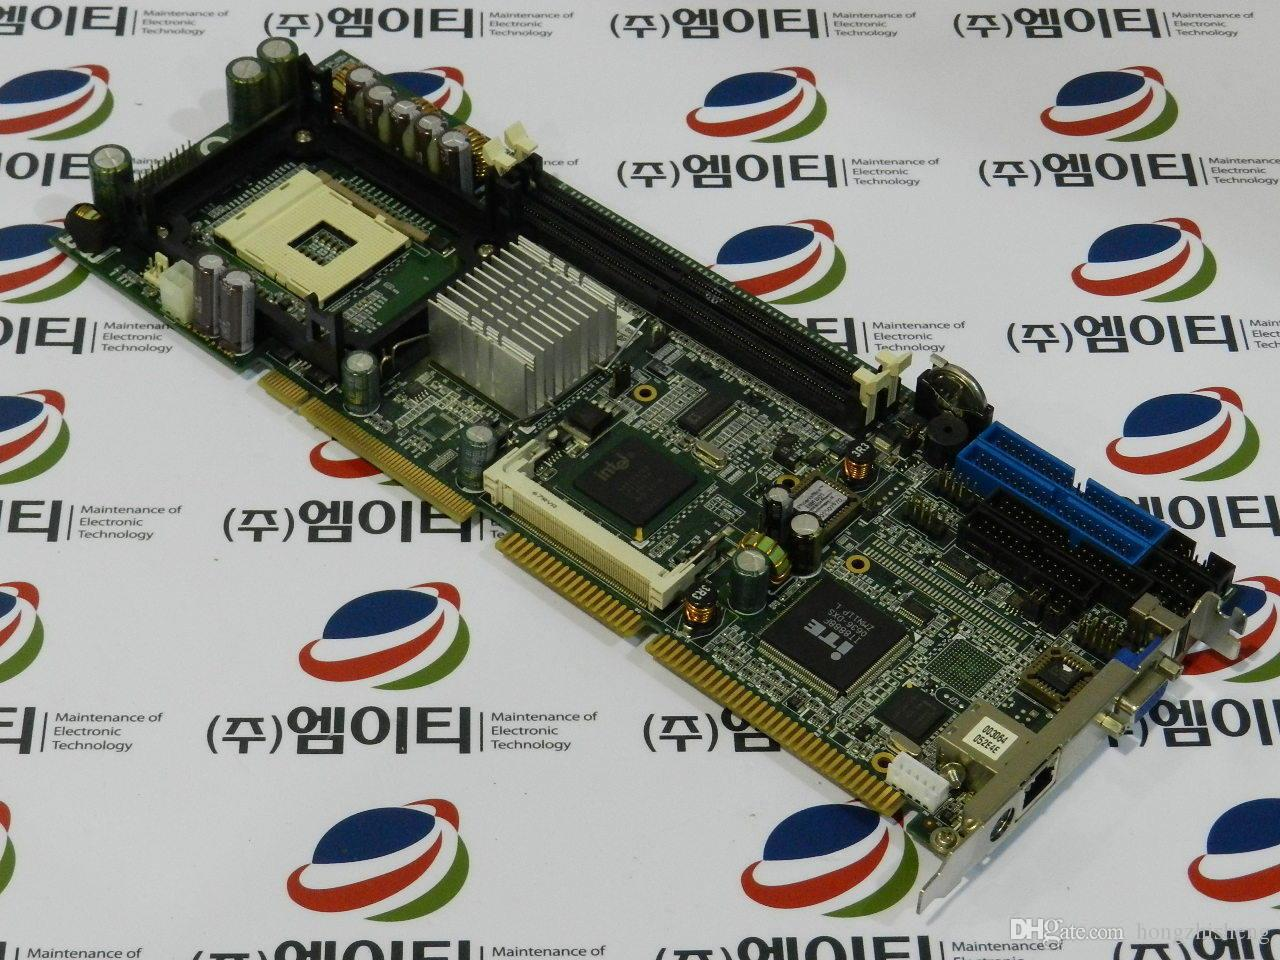 Доска промышленного оборудования NUPRO-842LV / P 51-41360-0B30